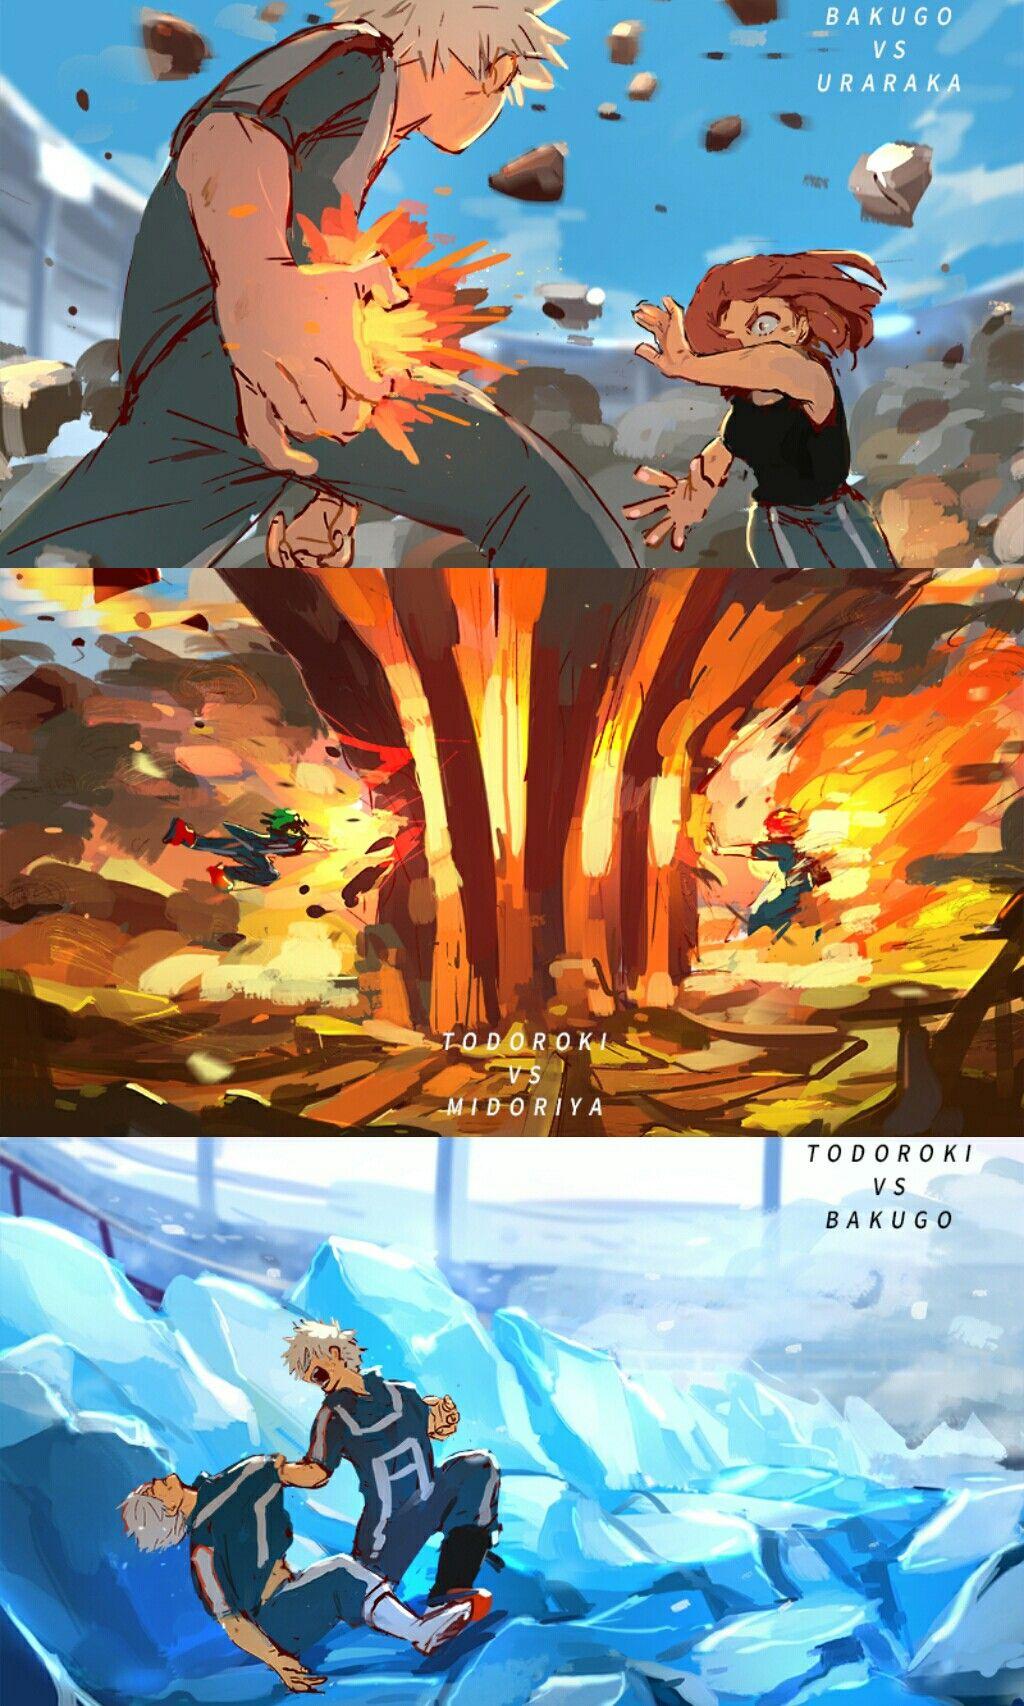 Boku no hero academia mha boku no hero academia pinterest hero anime and manga - Boku no hero academia shouto ...